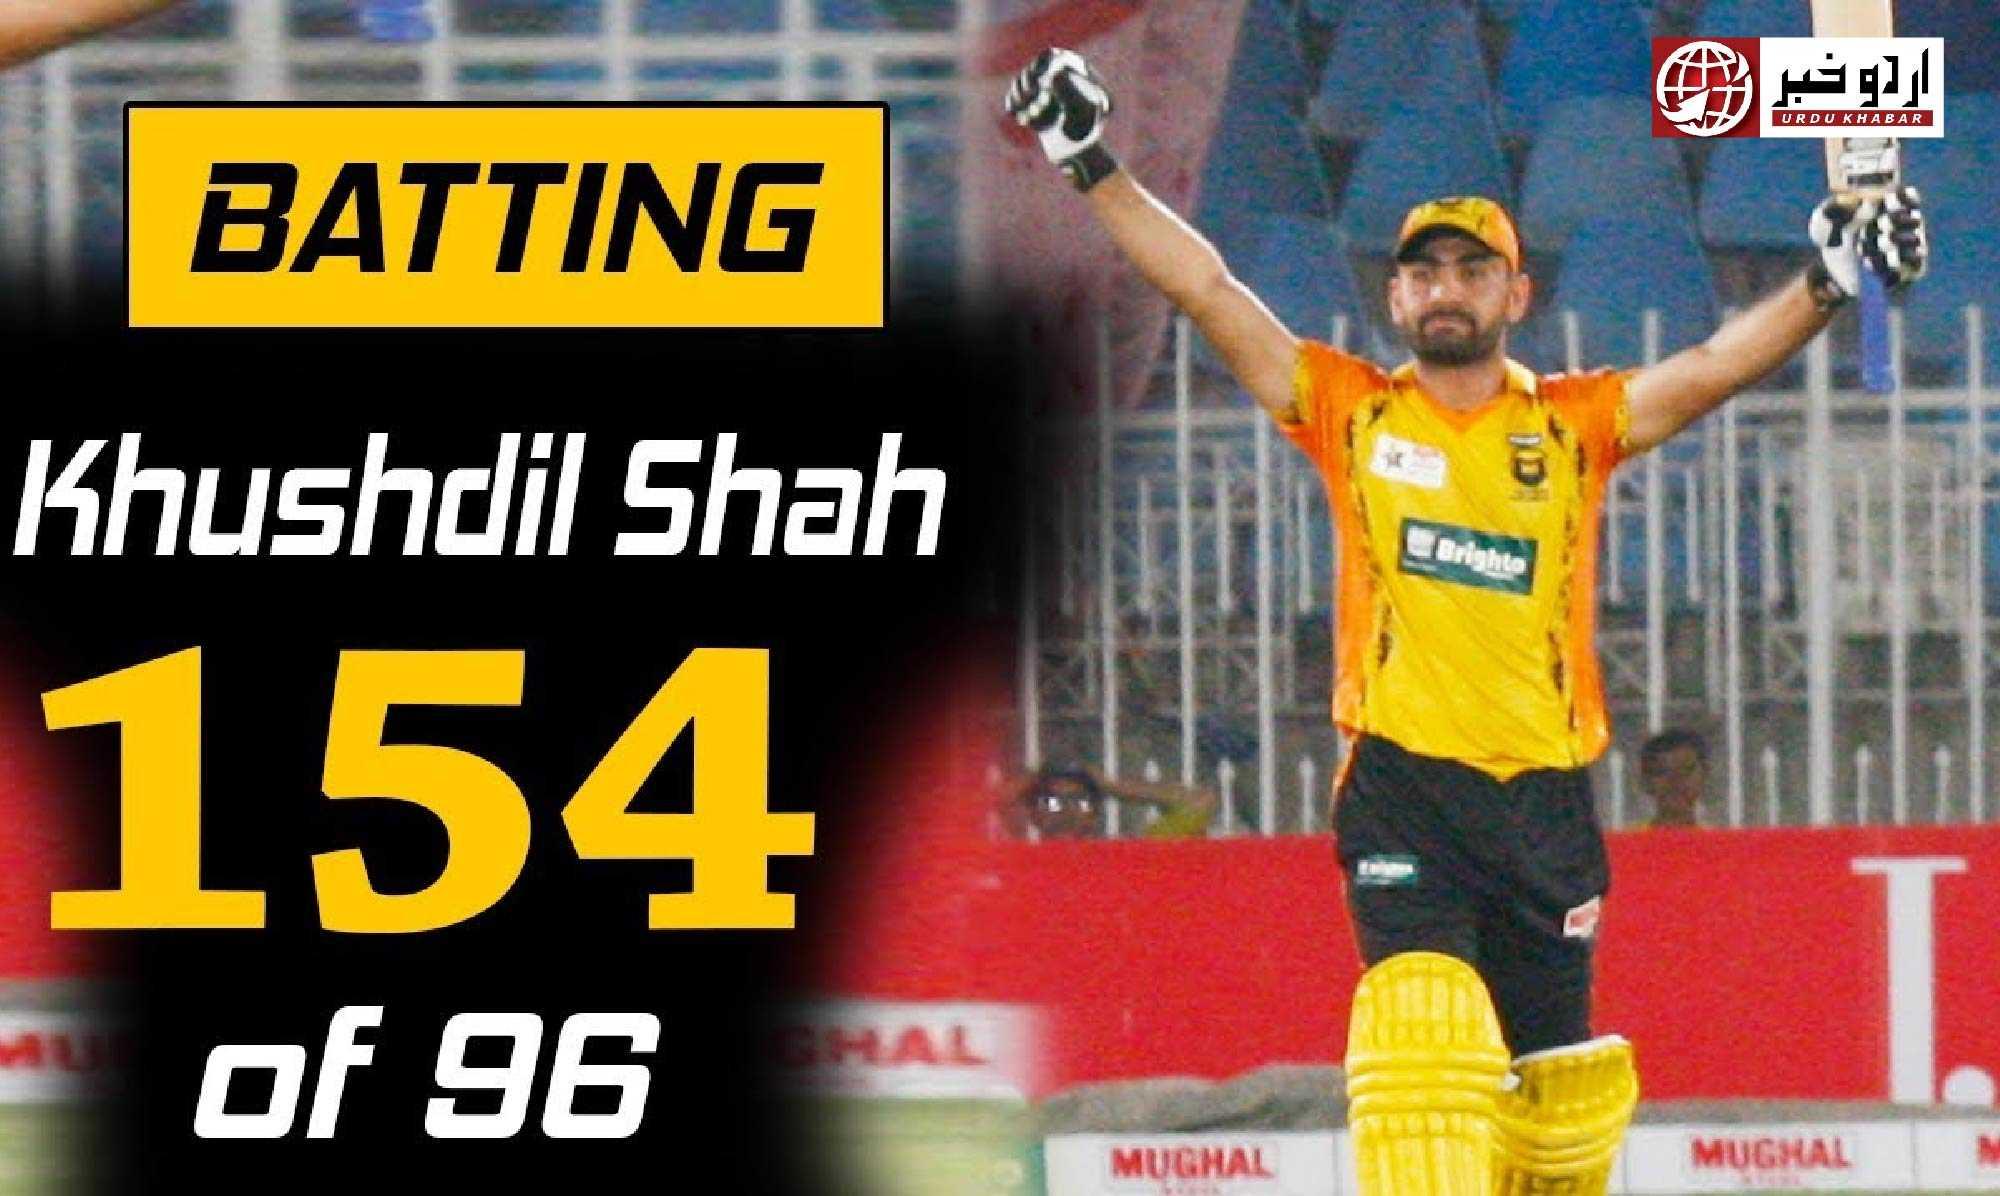 خوشدل شاہ نے پاکستانی بیسٹمین کے طور پر تیزترین ٹی ٹونٹی سنچری بنالی